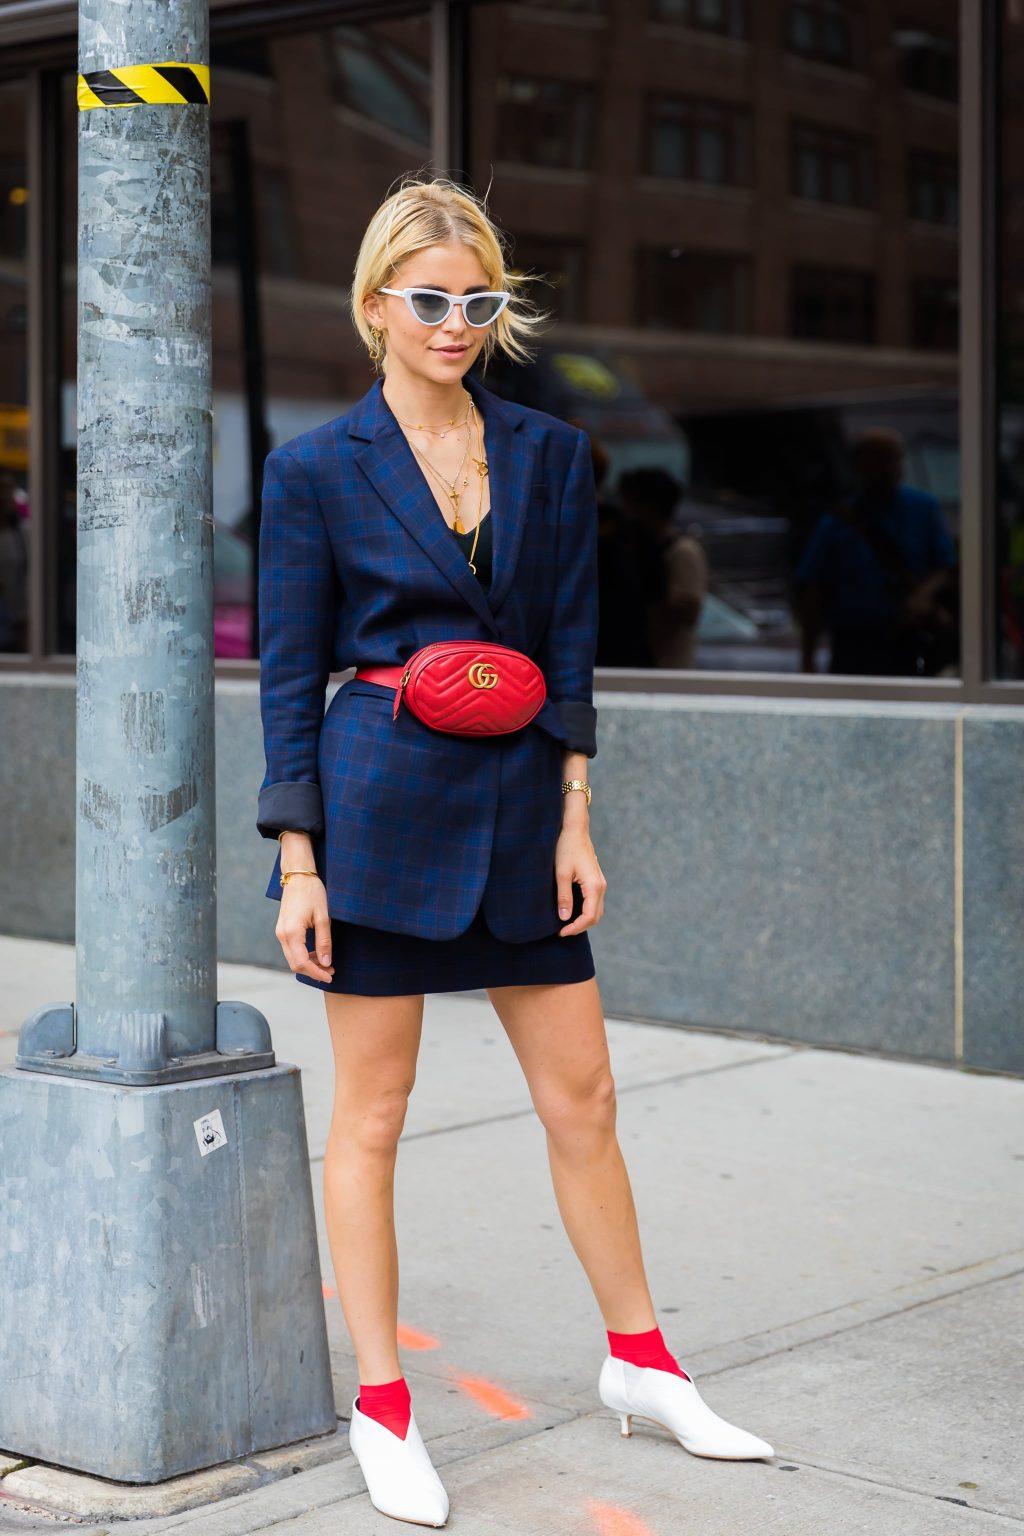 áo blazer kẻ ô màu xanh cobalt, chân váy mini và belt bag Gucci màu đỏ